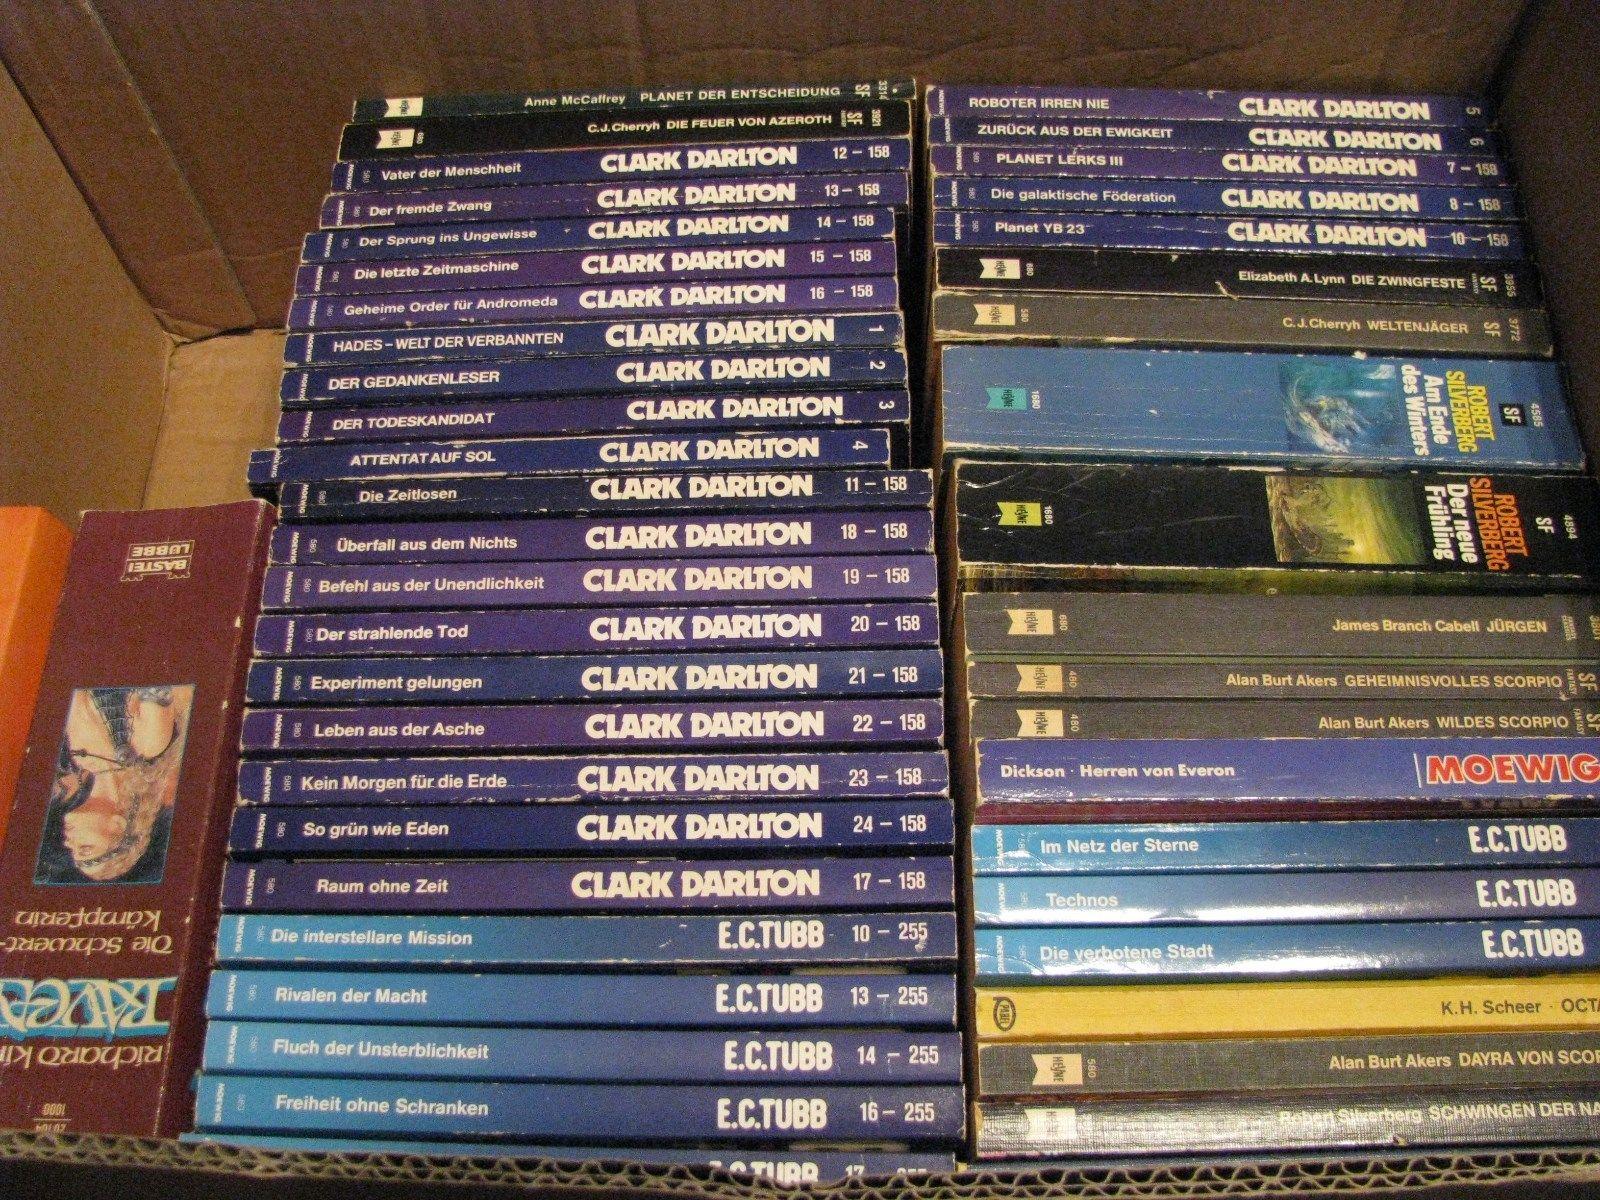 über 60 Science Fiction und Fantasy Bücher